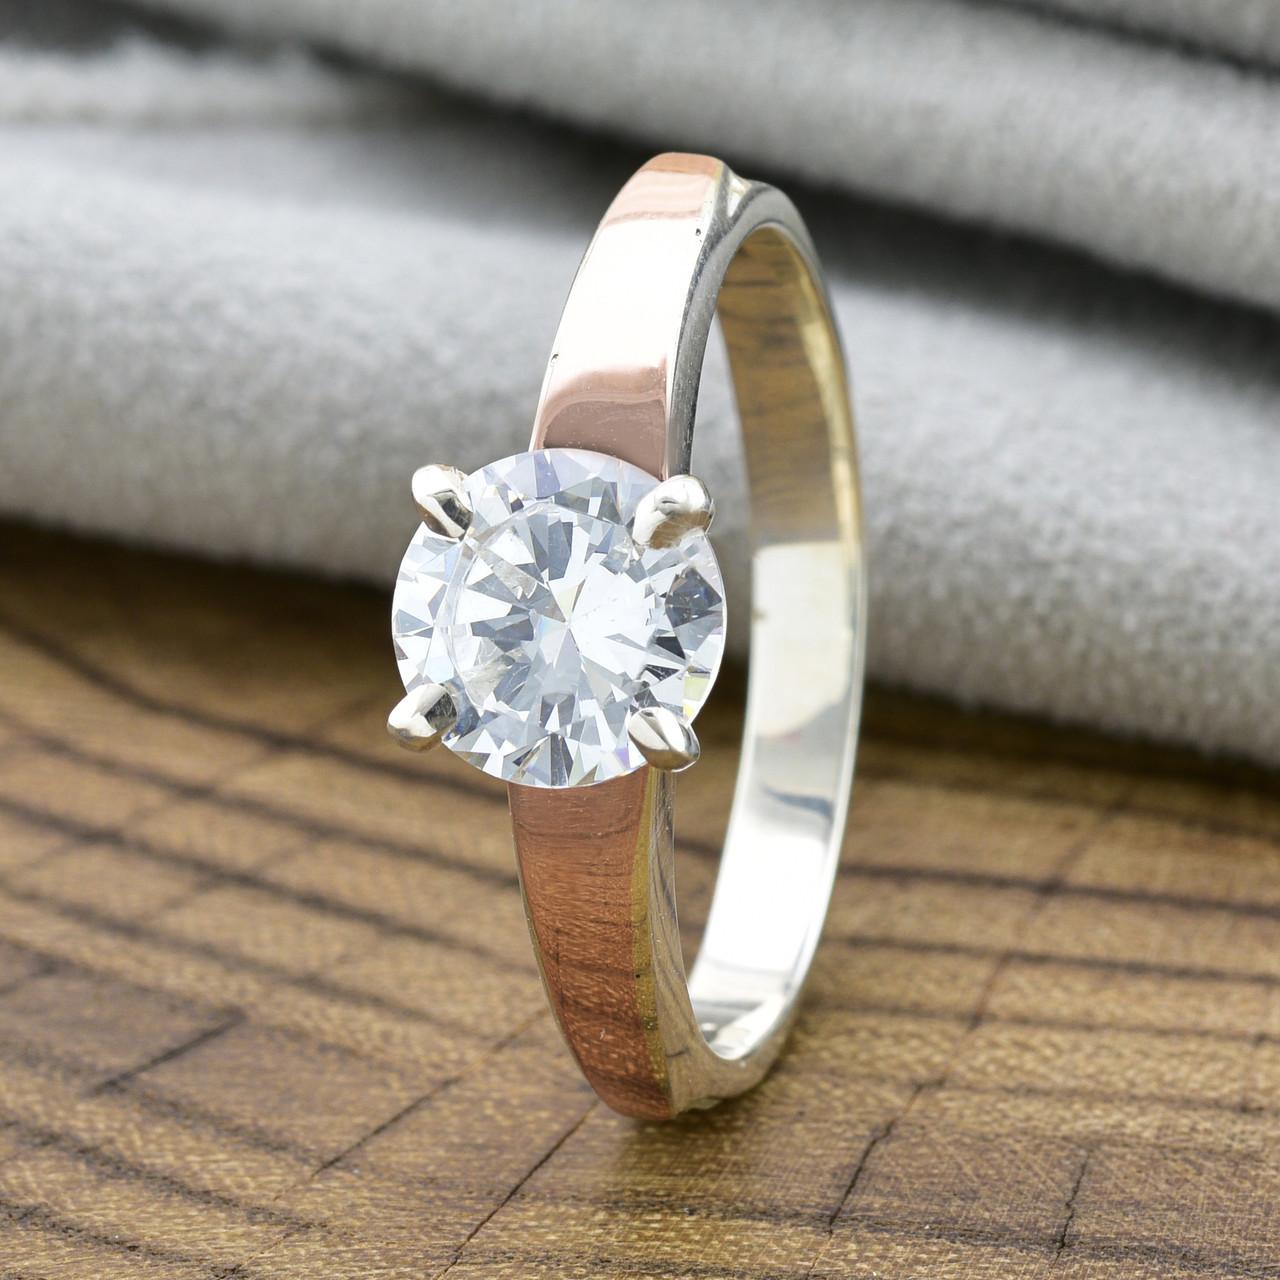 Кольцо серебряное женское с золотом Кристалл вставка белый фианит размер 17.5